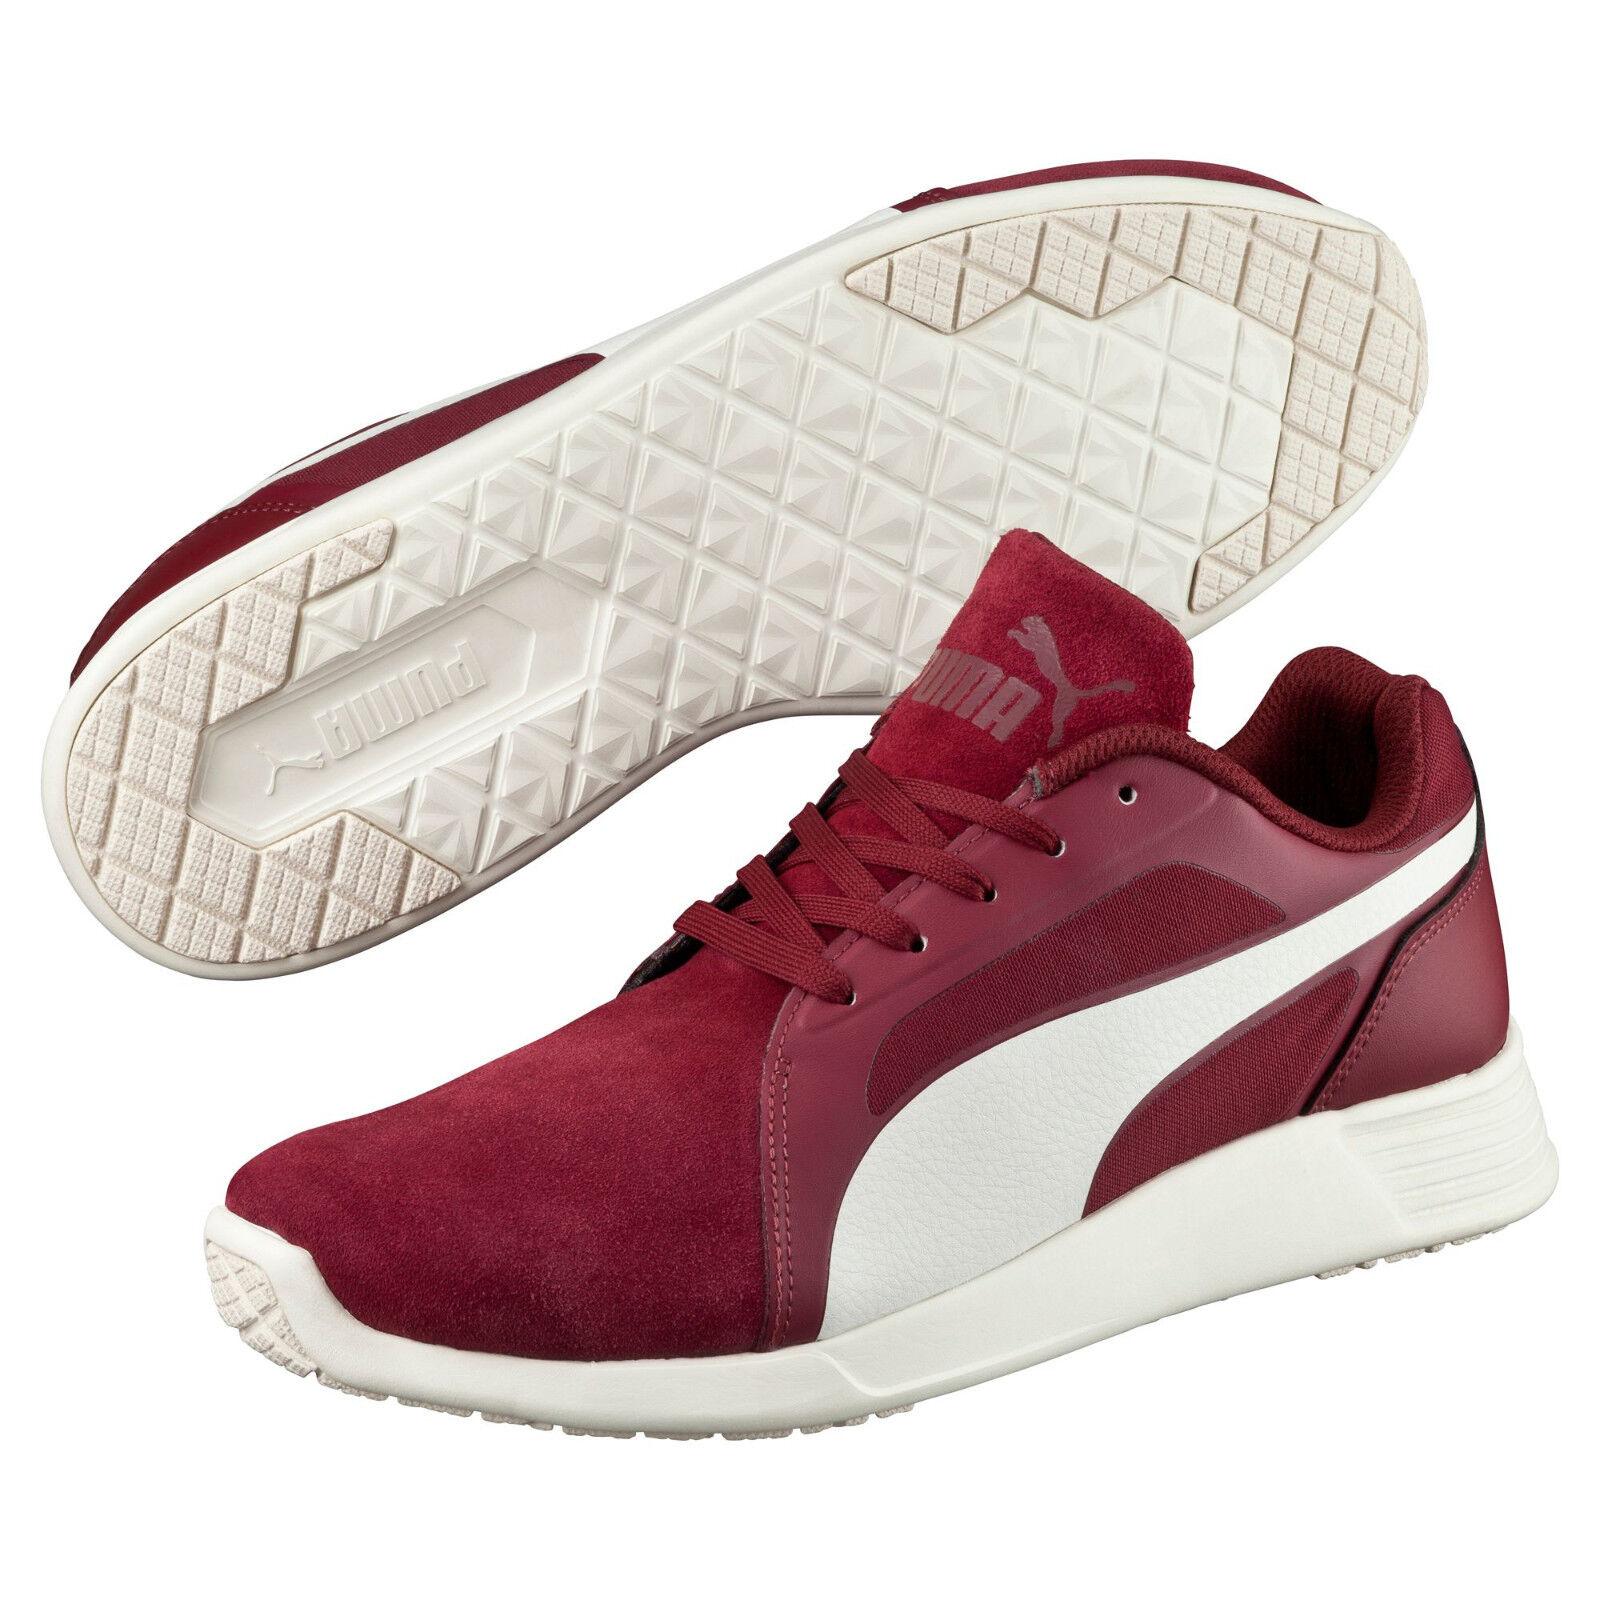 Puma ST entrenador Evo Gamuza 45 Borgoña de Para hombre Zapatillas Zapatos de Borgoña ocio 64,95 b708d5